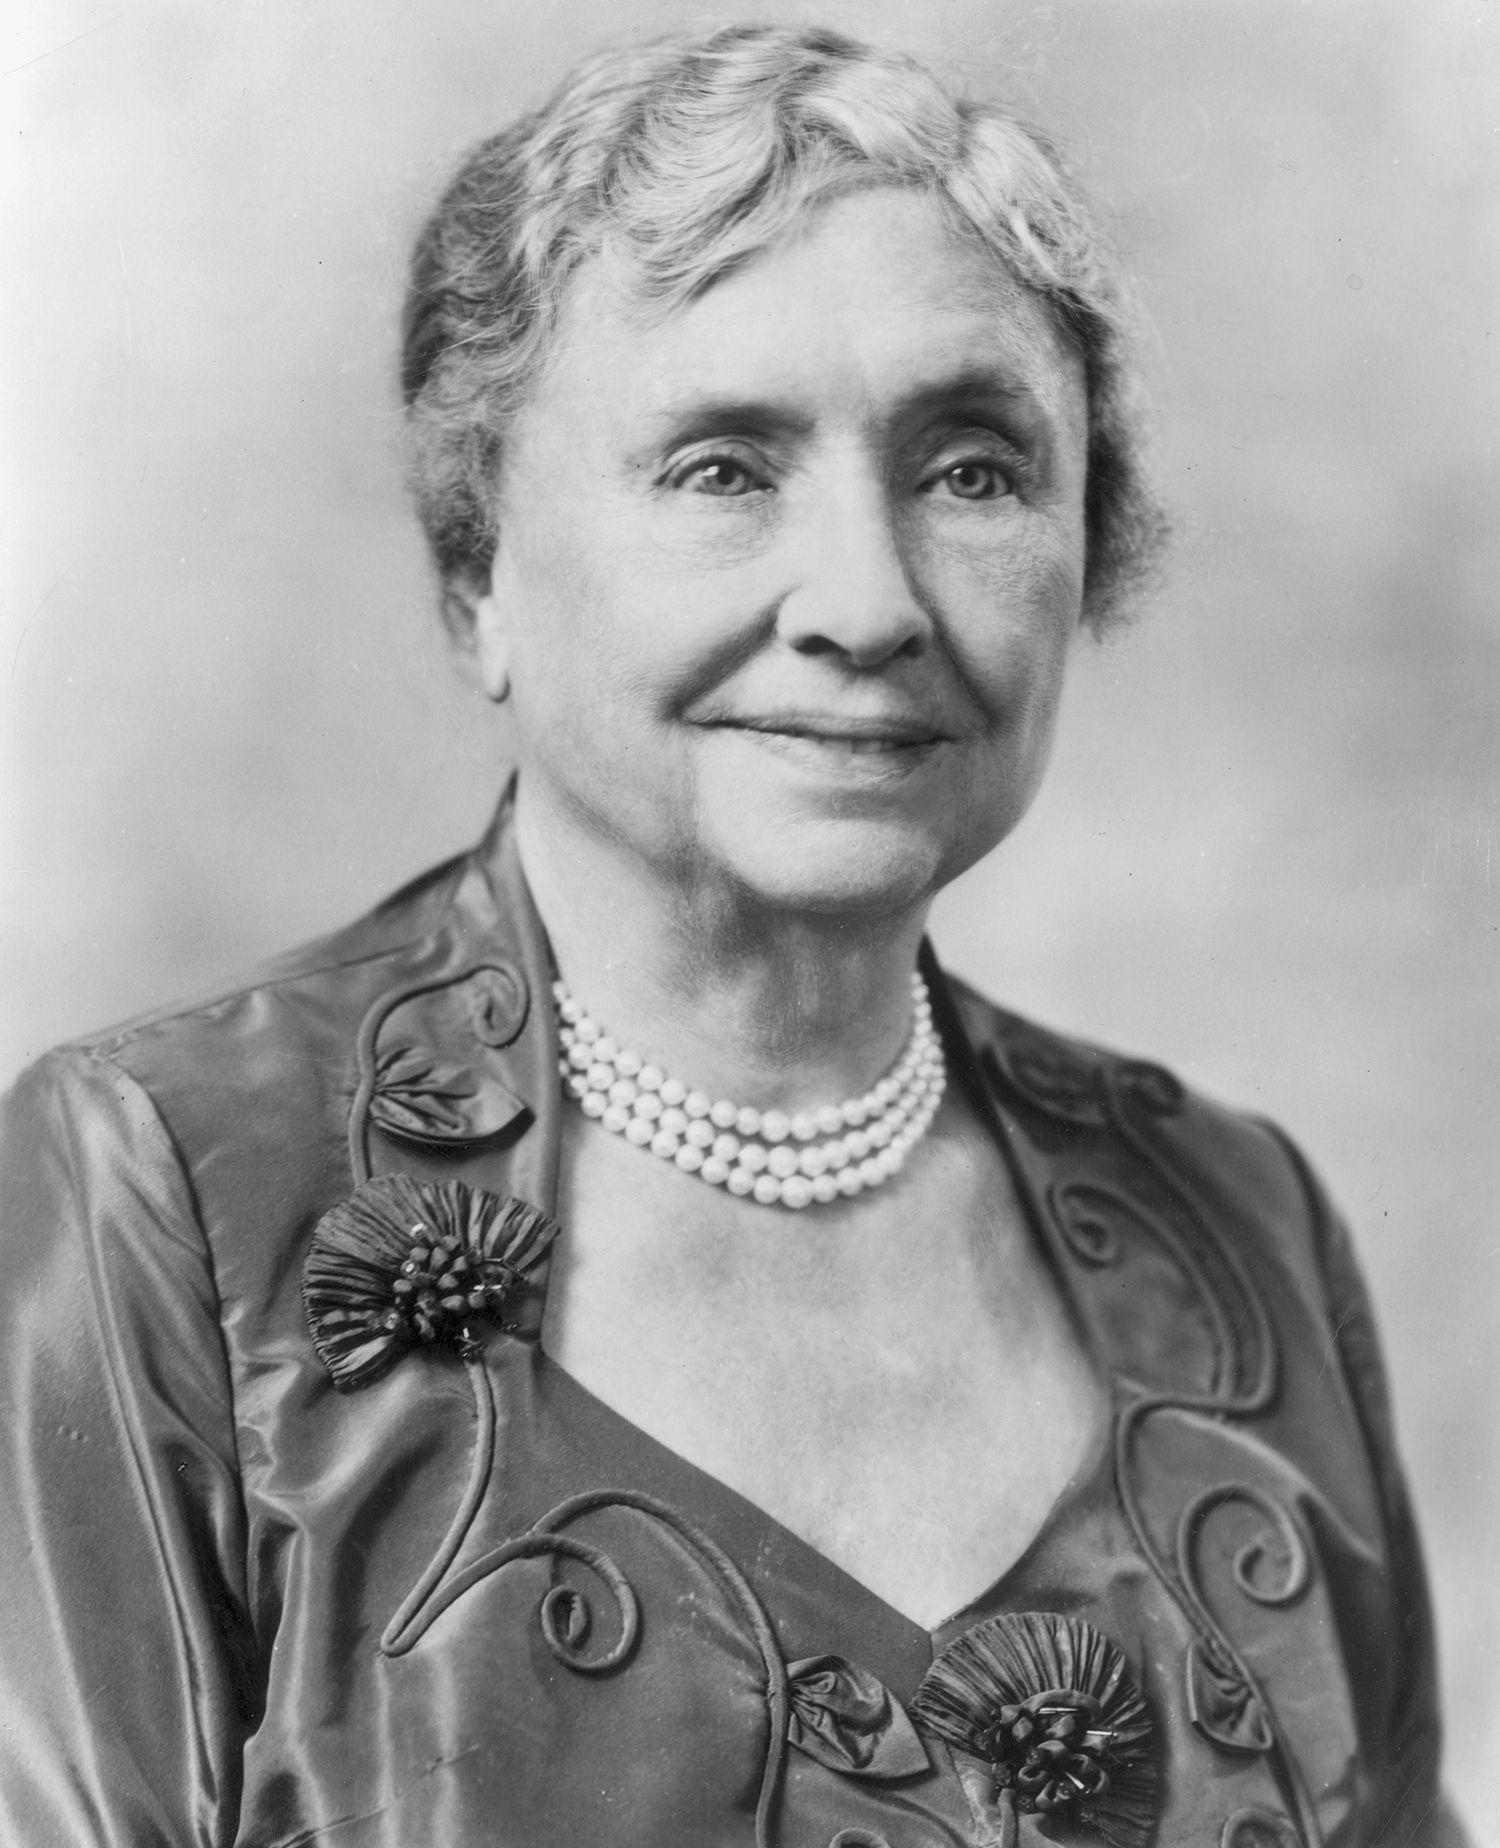 Helen Keller Quotes That Inspire